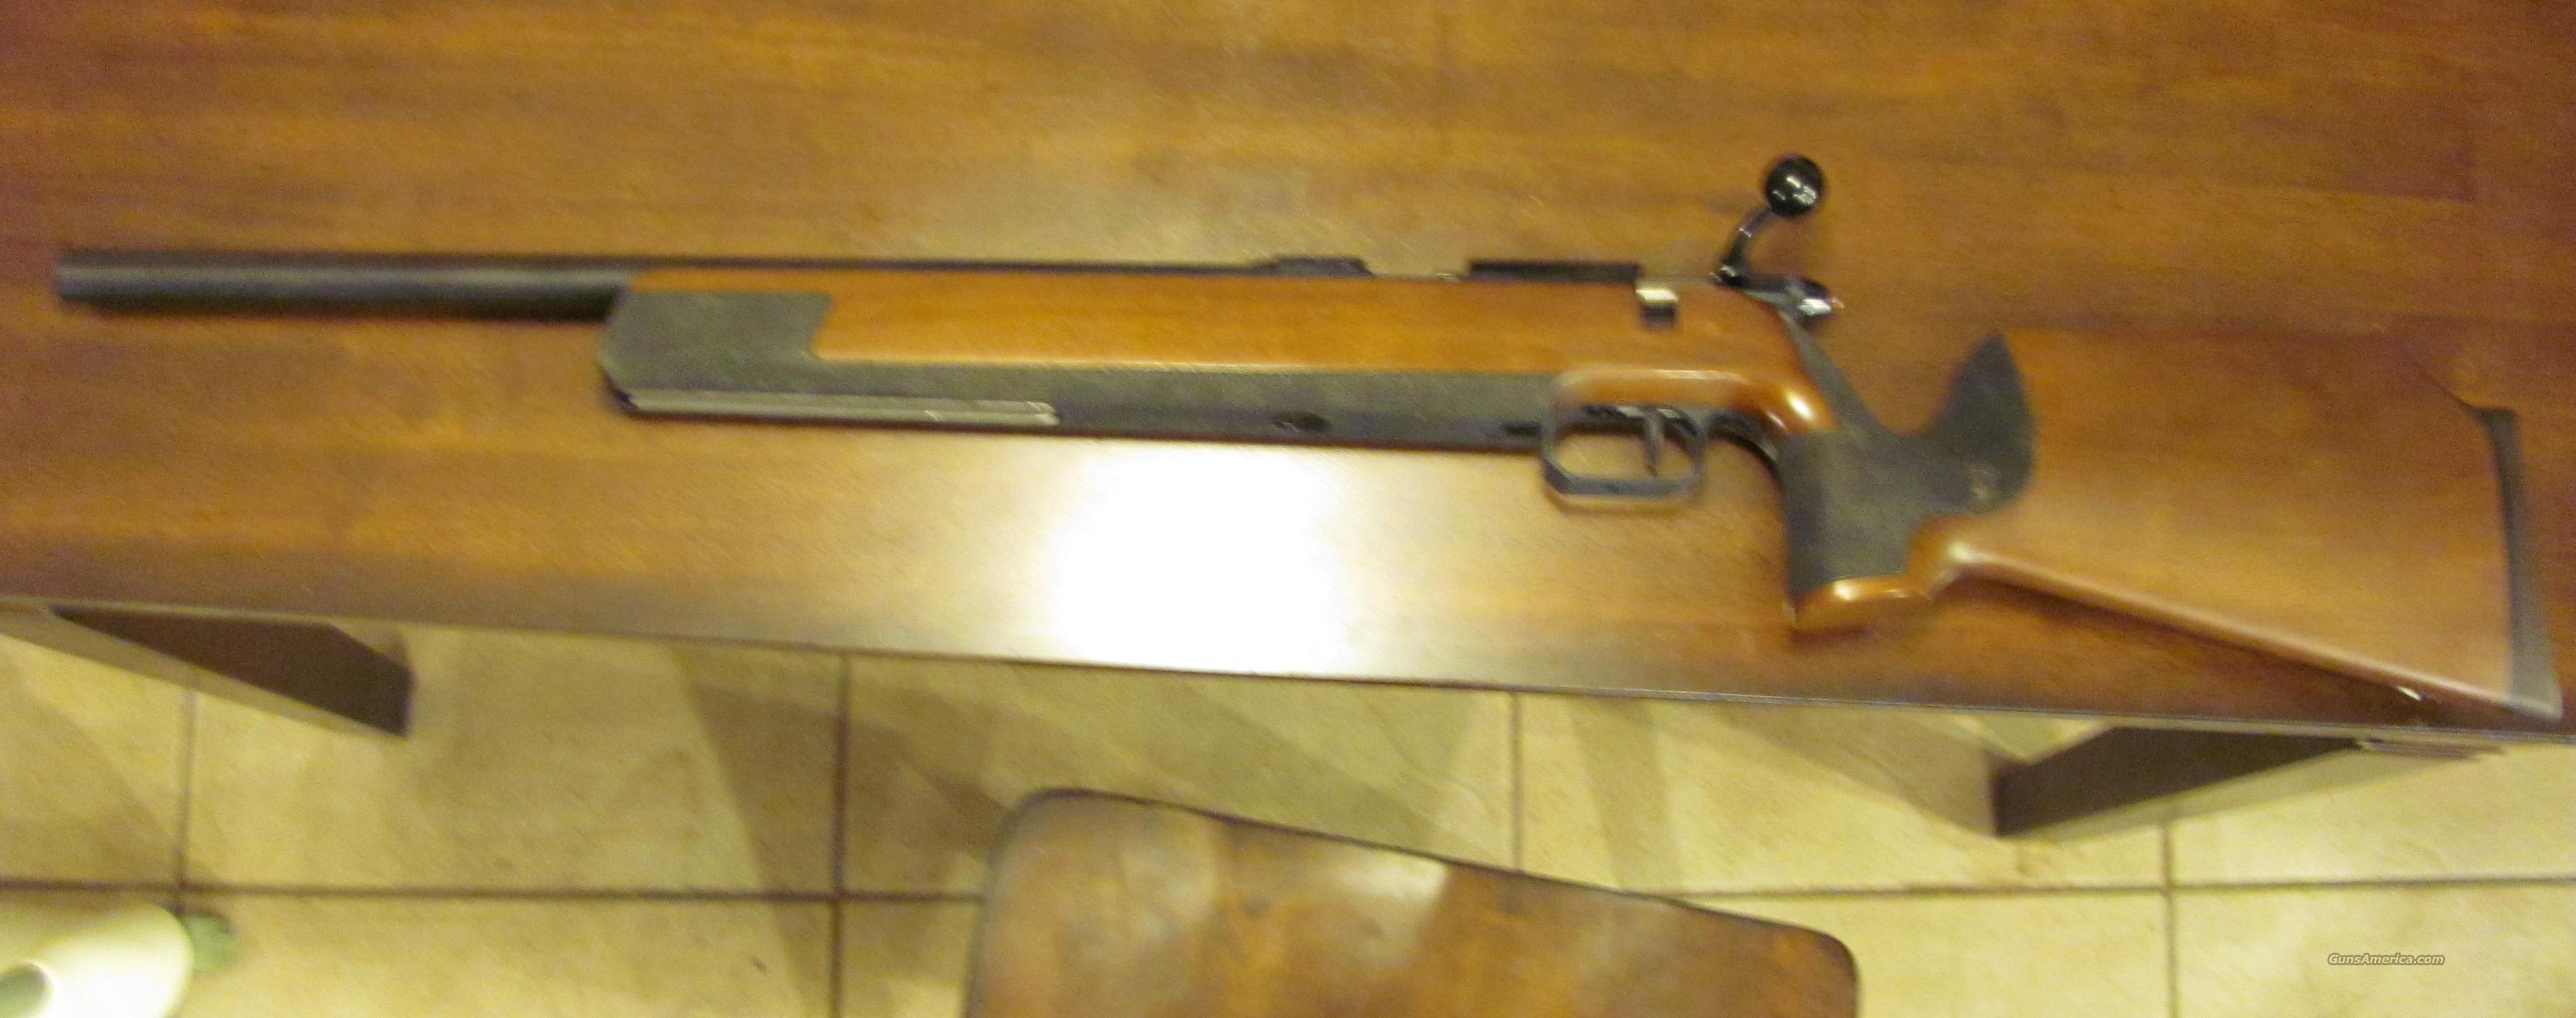 dating anschutz rifles Mygunvalues a gun value and firearm search » rifles » anschutz we have prices for the following rifles from anschutz anschutz 1400 anschutz 1403 b.